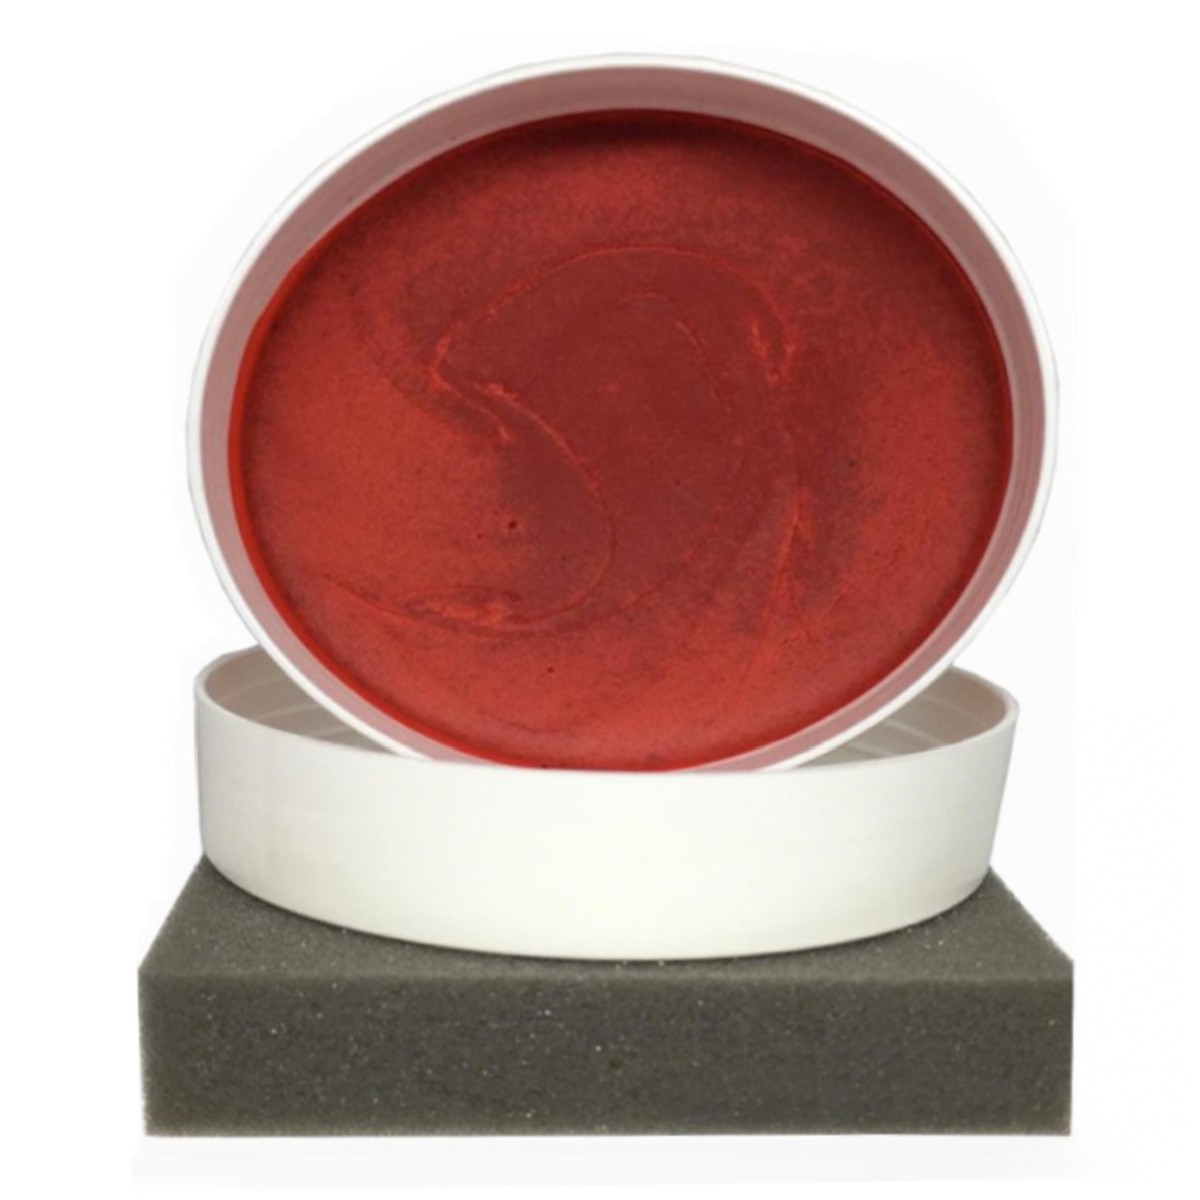 Cera Cristalizadora Própria Carro Vermelho Wax Color Red140g